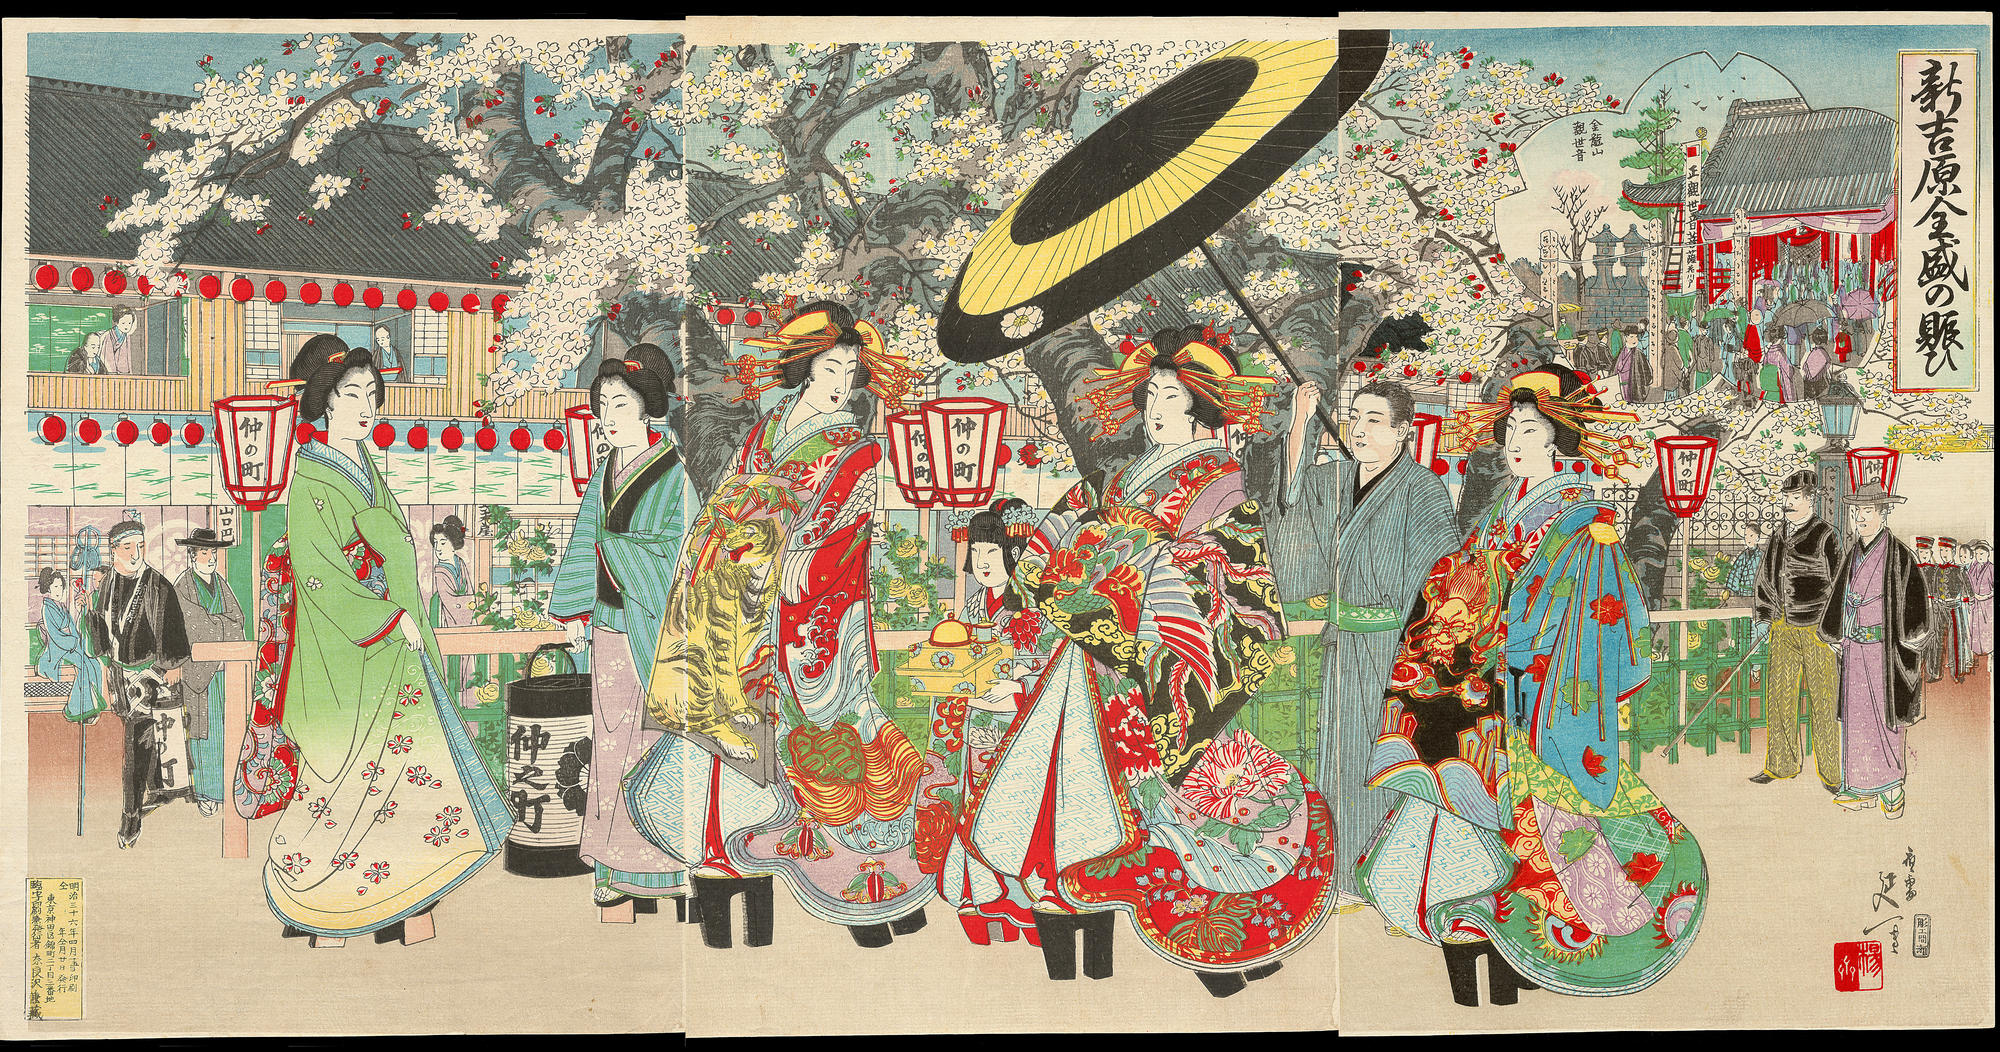 https://data.ukiyo-e.org/ohmi/images/Nobukazu_Yosai-Flourishing_Shin_Yoshiwara-011696-05-16-2012-11696-x2000.jpg